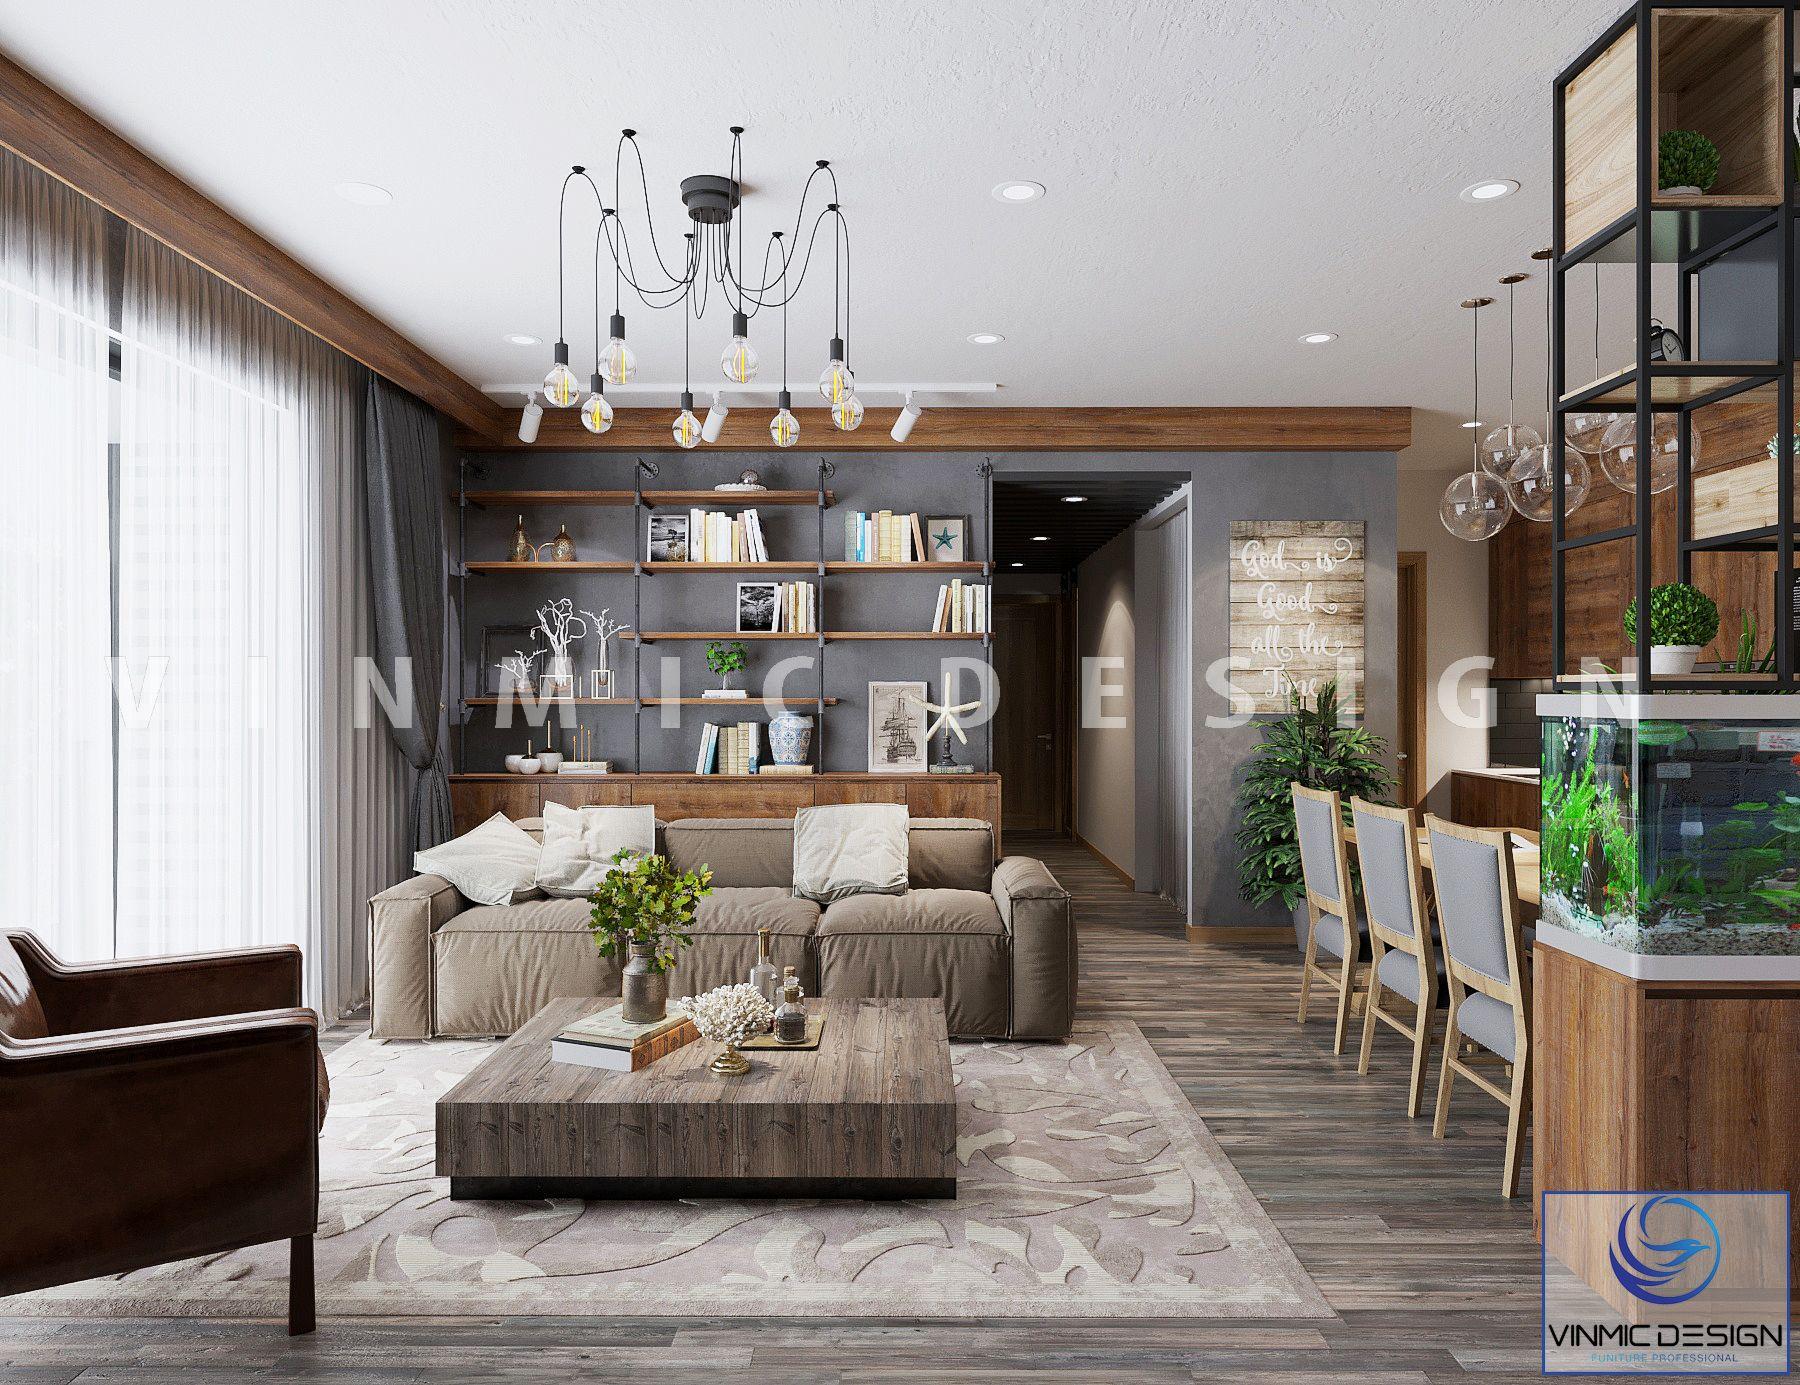 Thiết kế phòng khách chung cư mạng đậm chất hiện đại